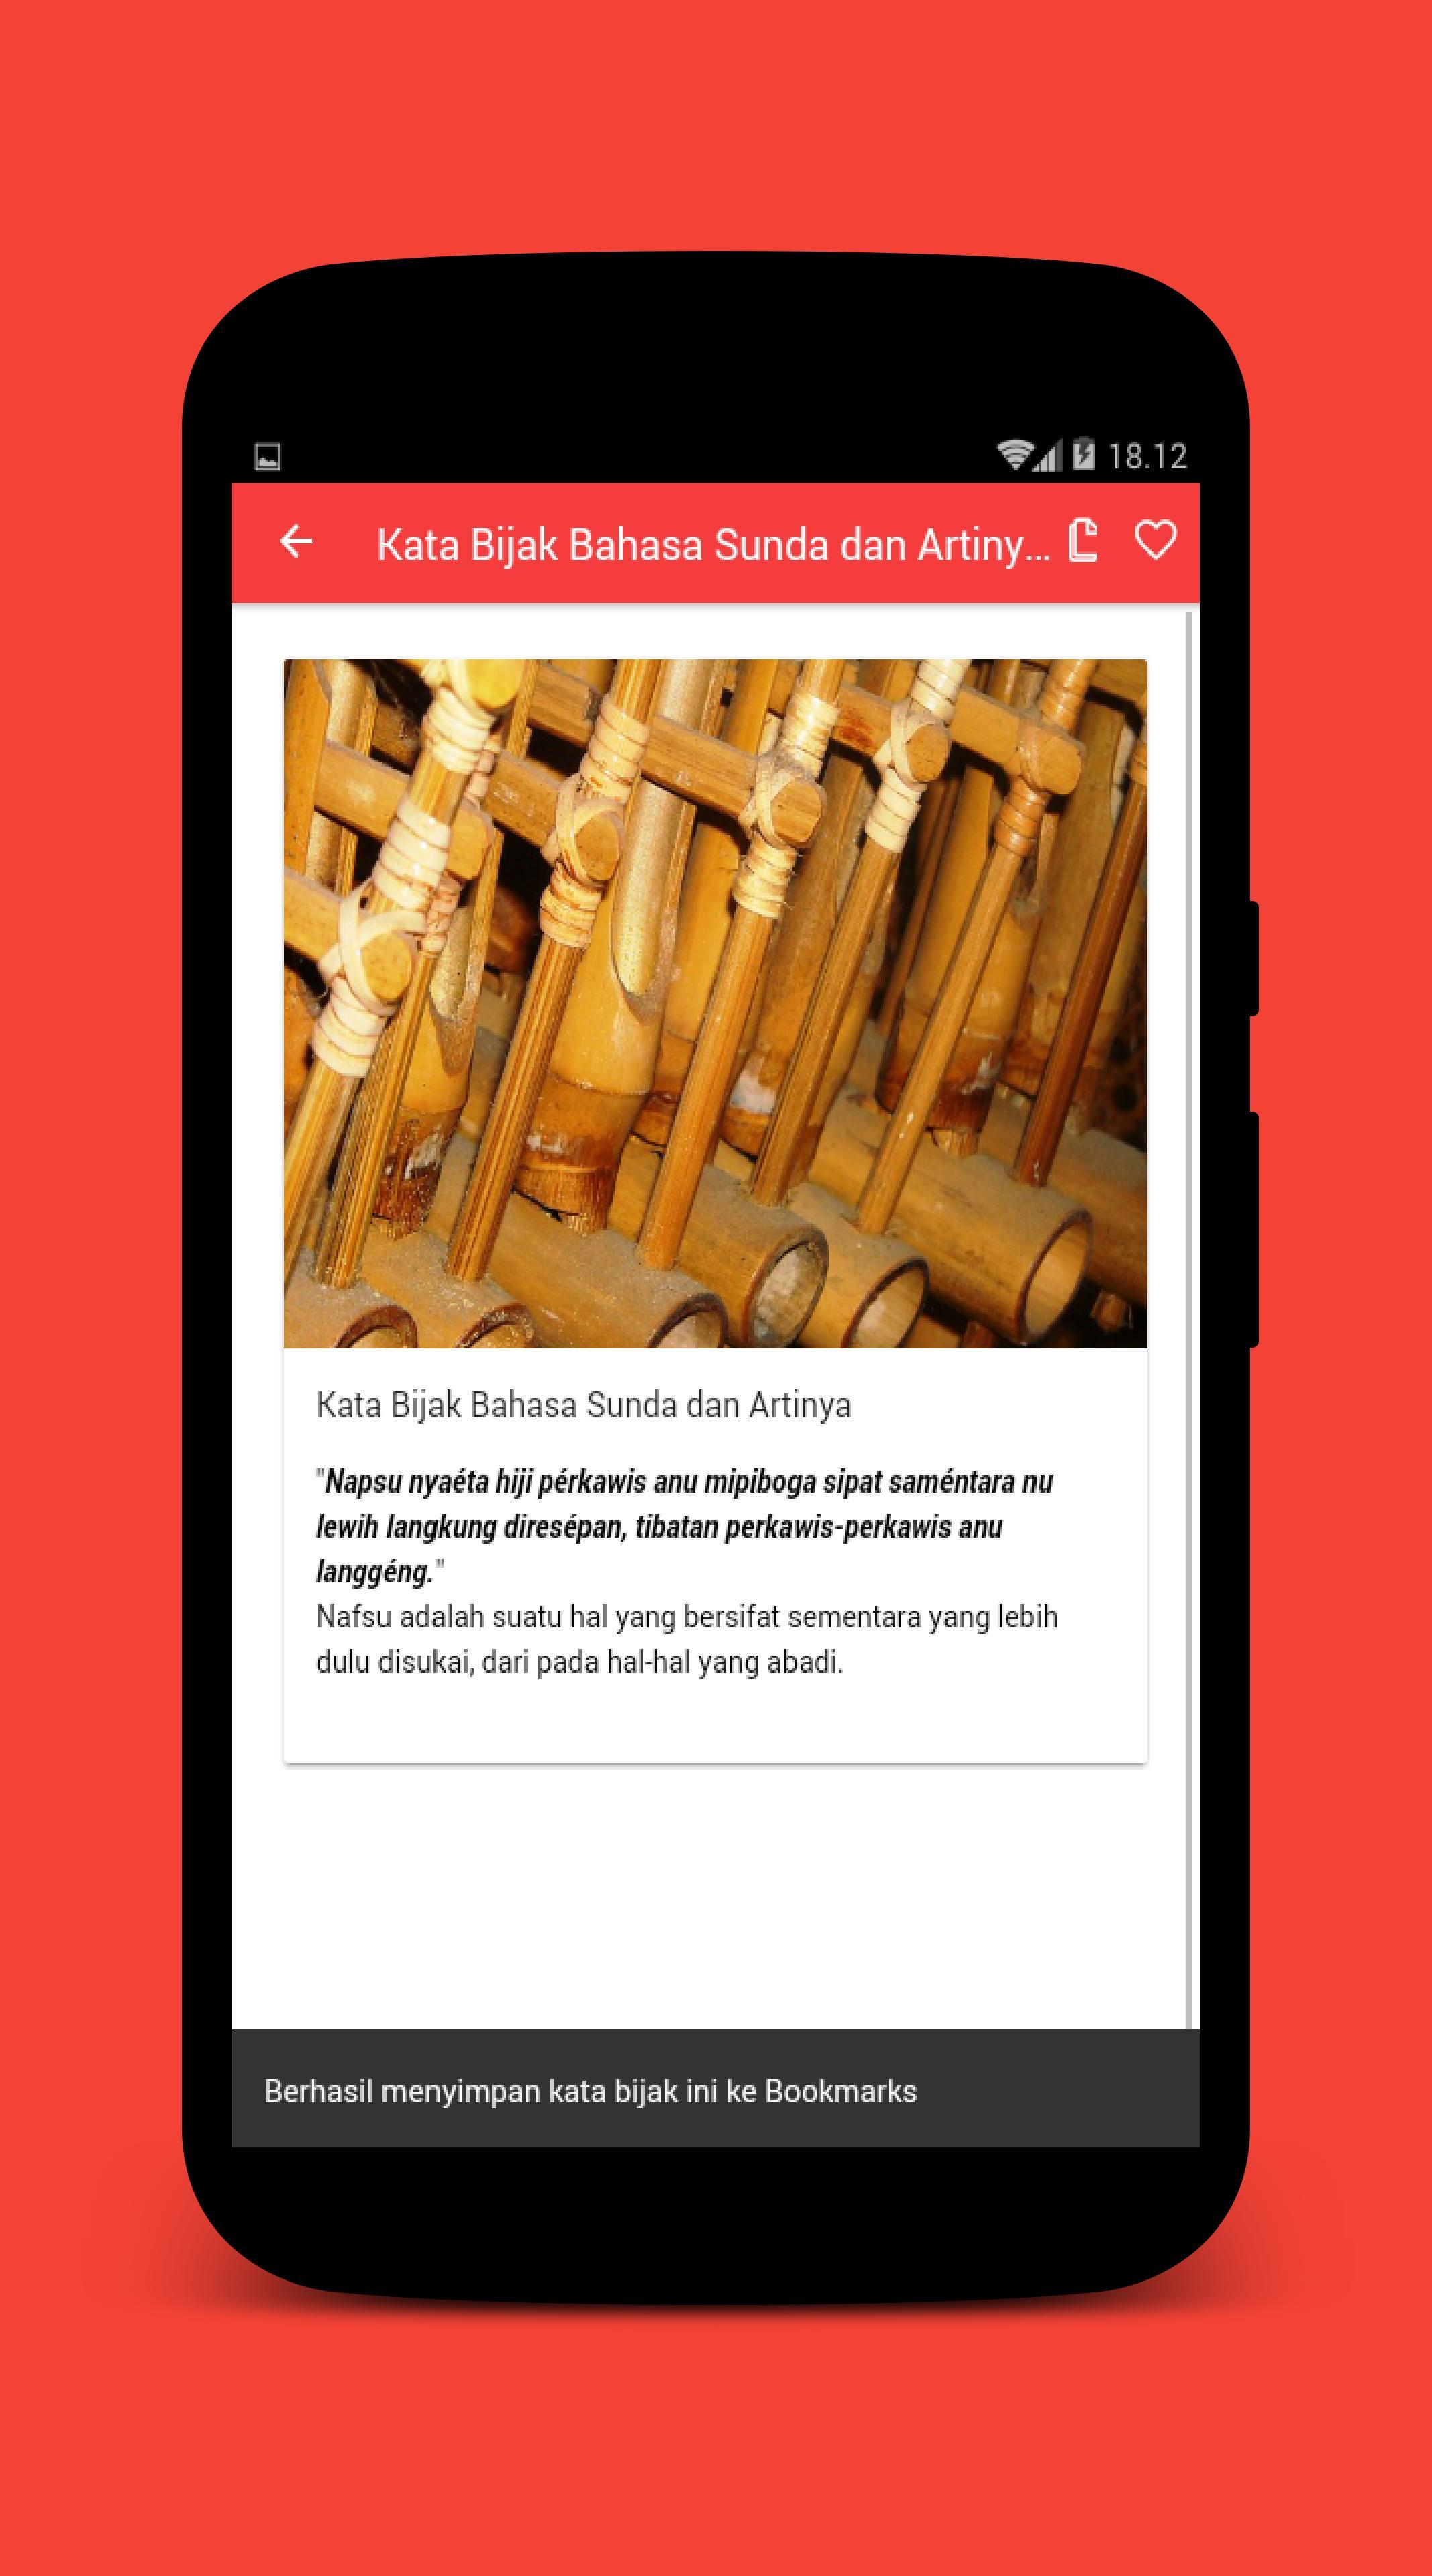 Kata Bijak Bahasa Sunda для андроид скачать Apk